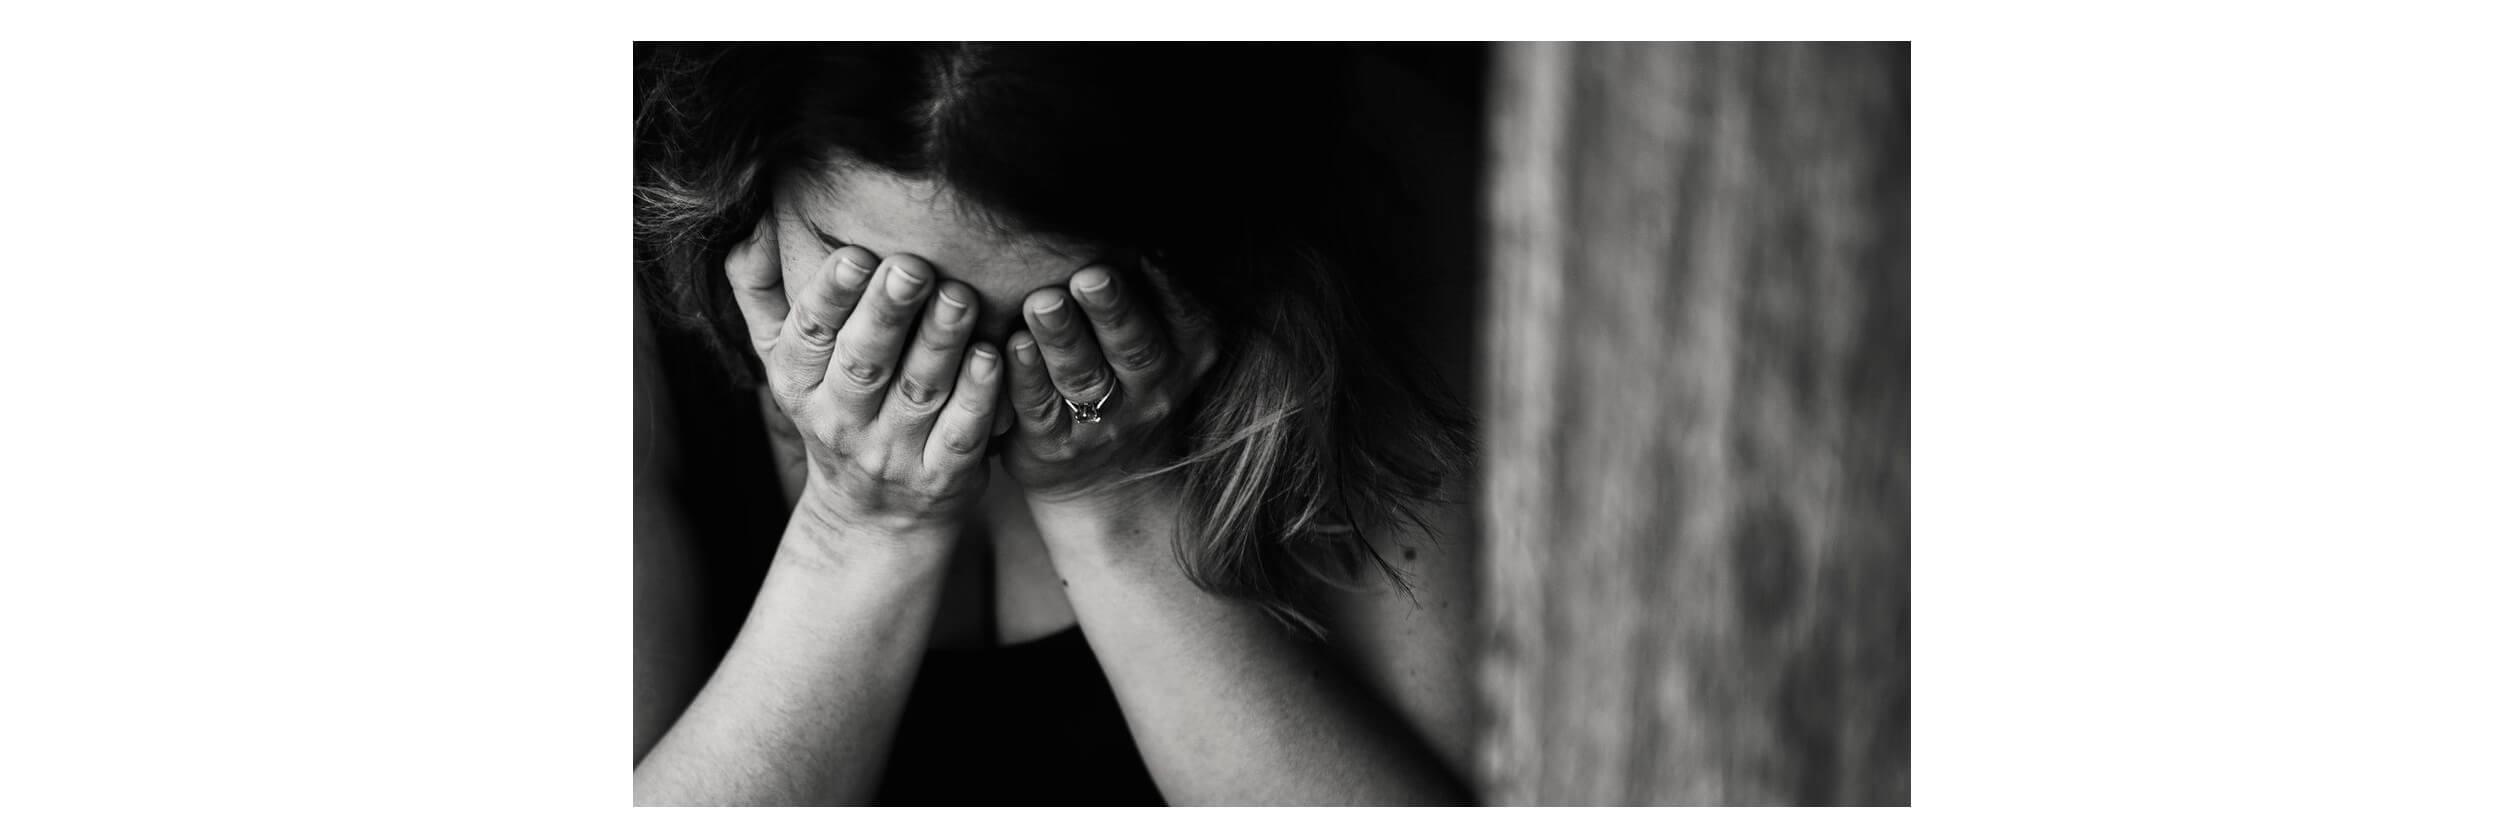 Imagem em preto e branco. Mulher com o rosto abaixado e com as mãos sobre o rosto.